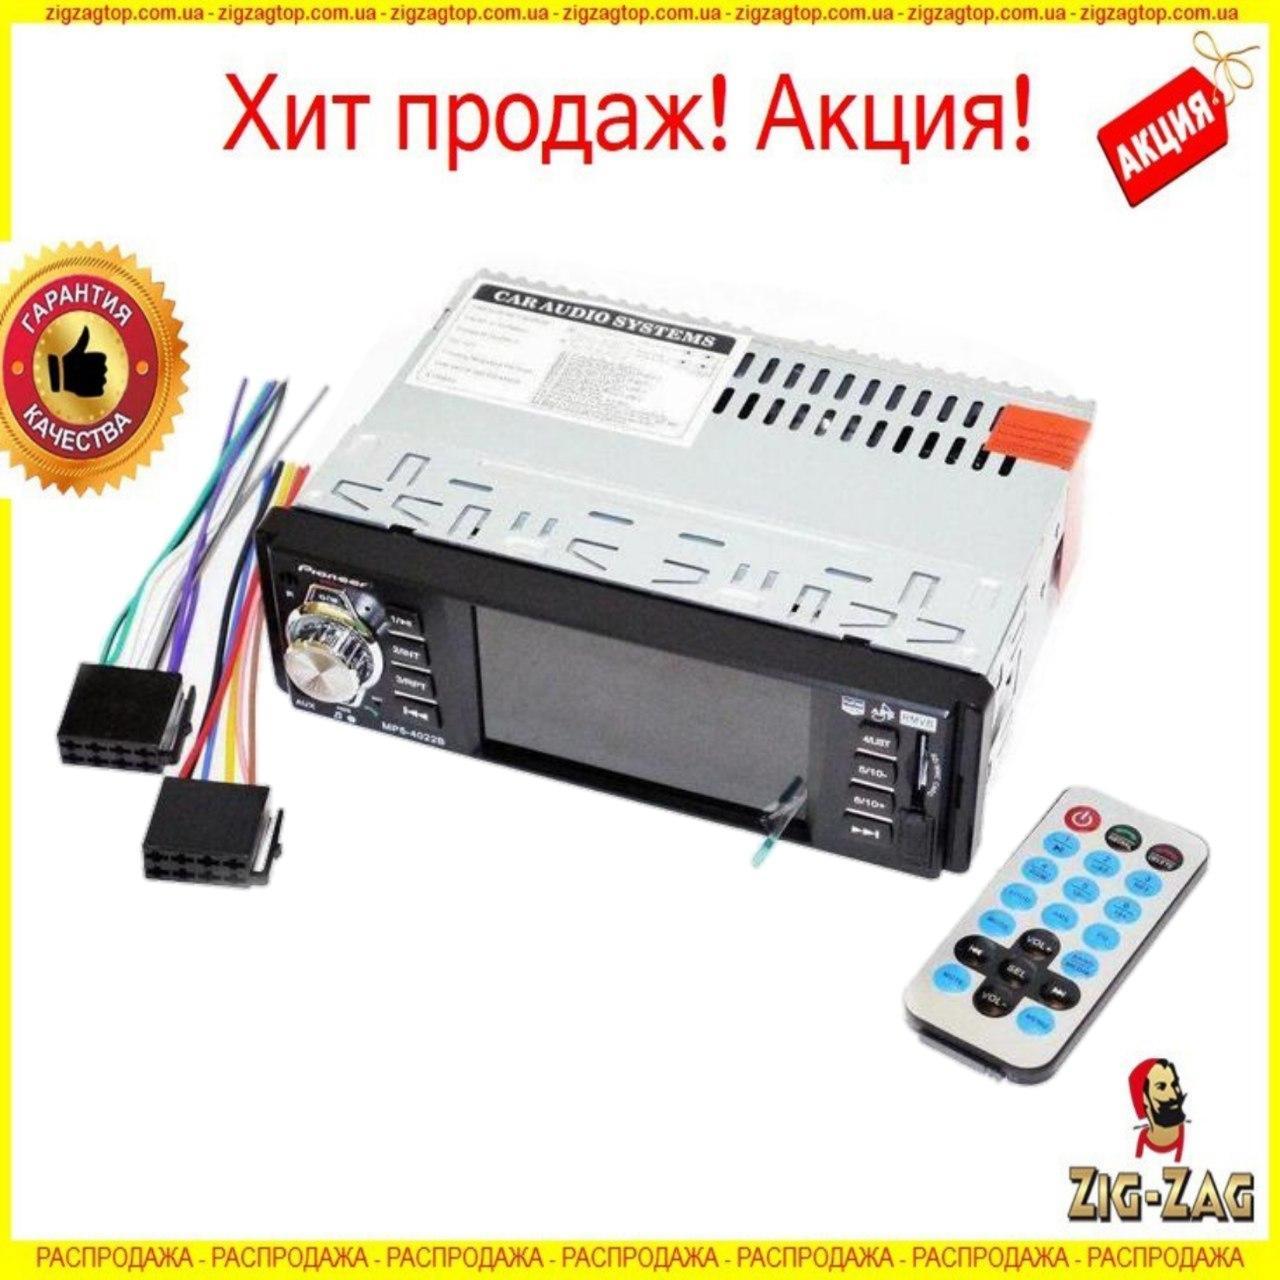 """Автомагнітола 1DIN Pioneer MP5 4022 з Пультом 4.1"""" дюйма AV-in магнітола Піонер USB МП3 в Машину Авто Блютуз"""